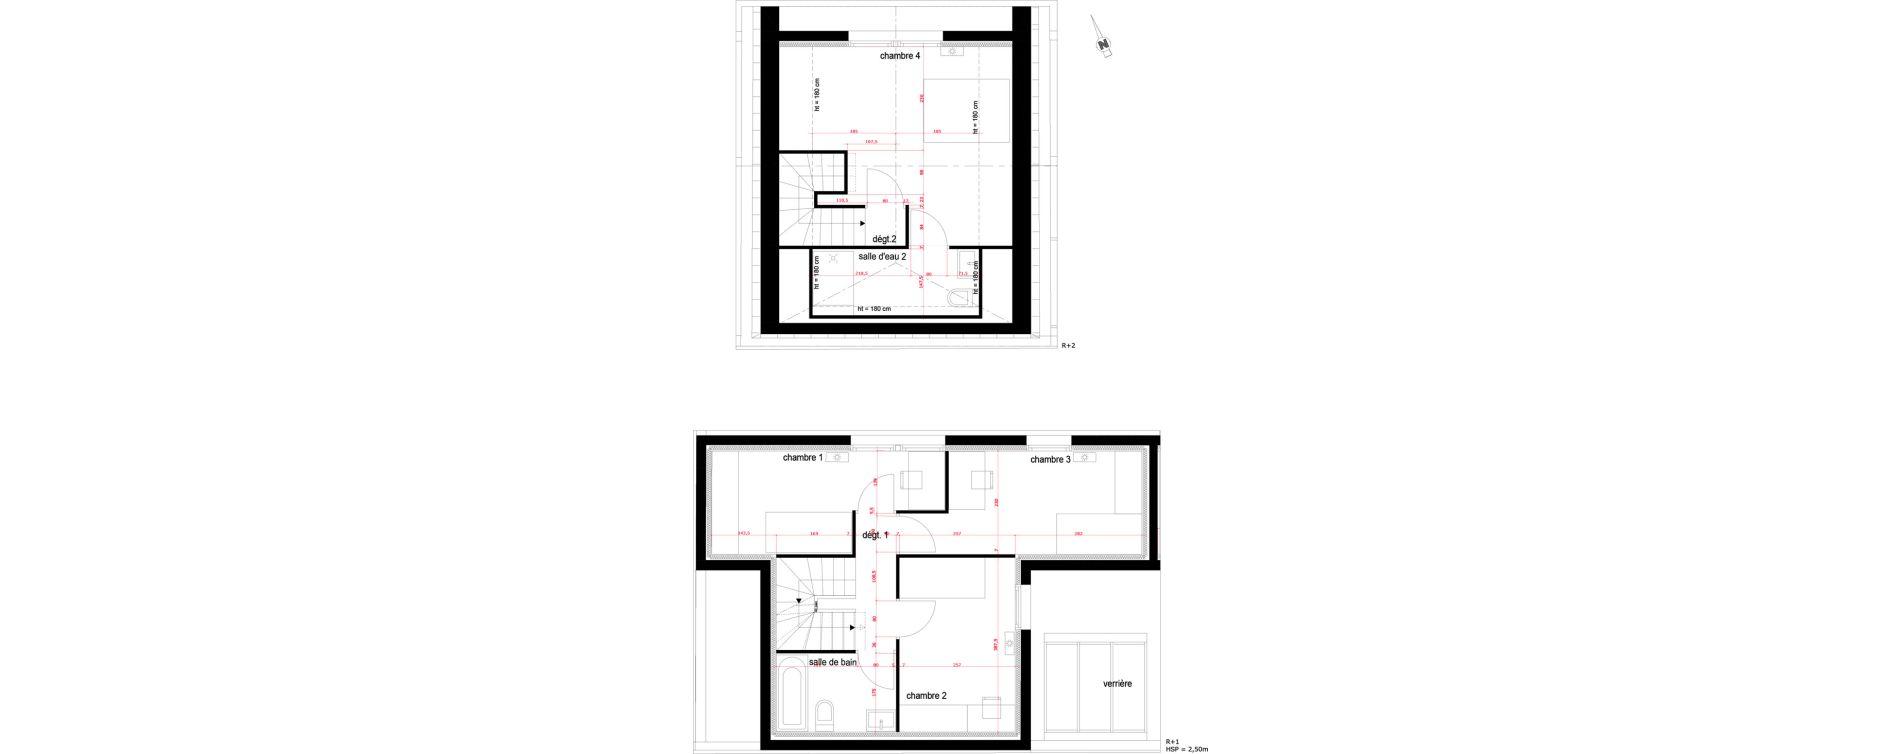 Villa T5 de 119,48 m2 à Saint-Maur-Des-Fossés La varenne saint hilaire